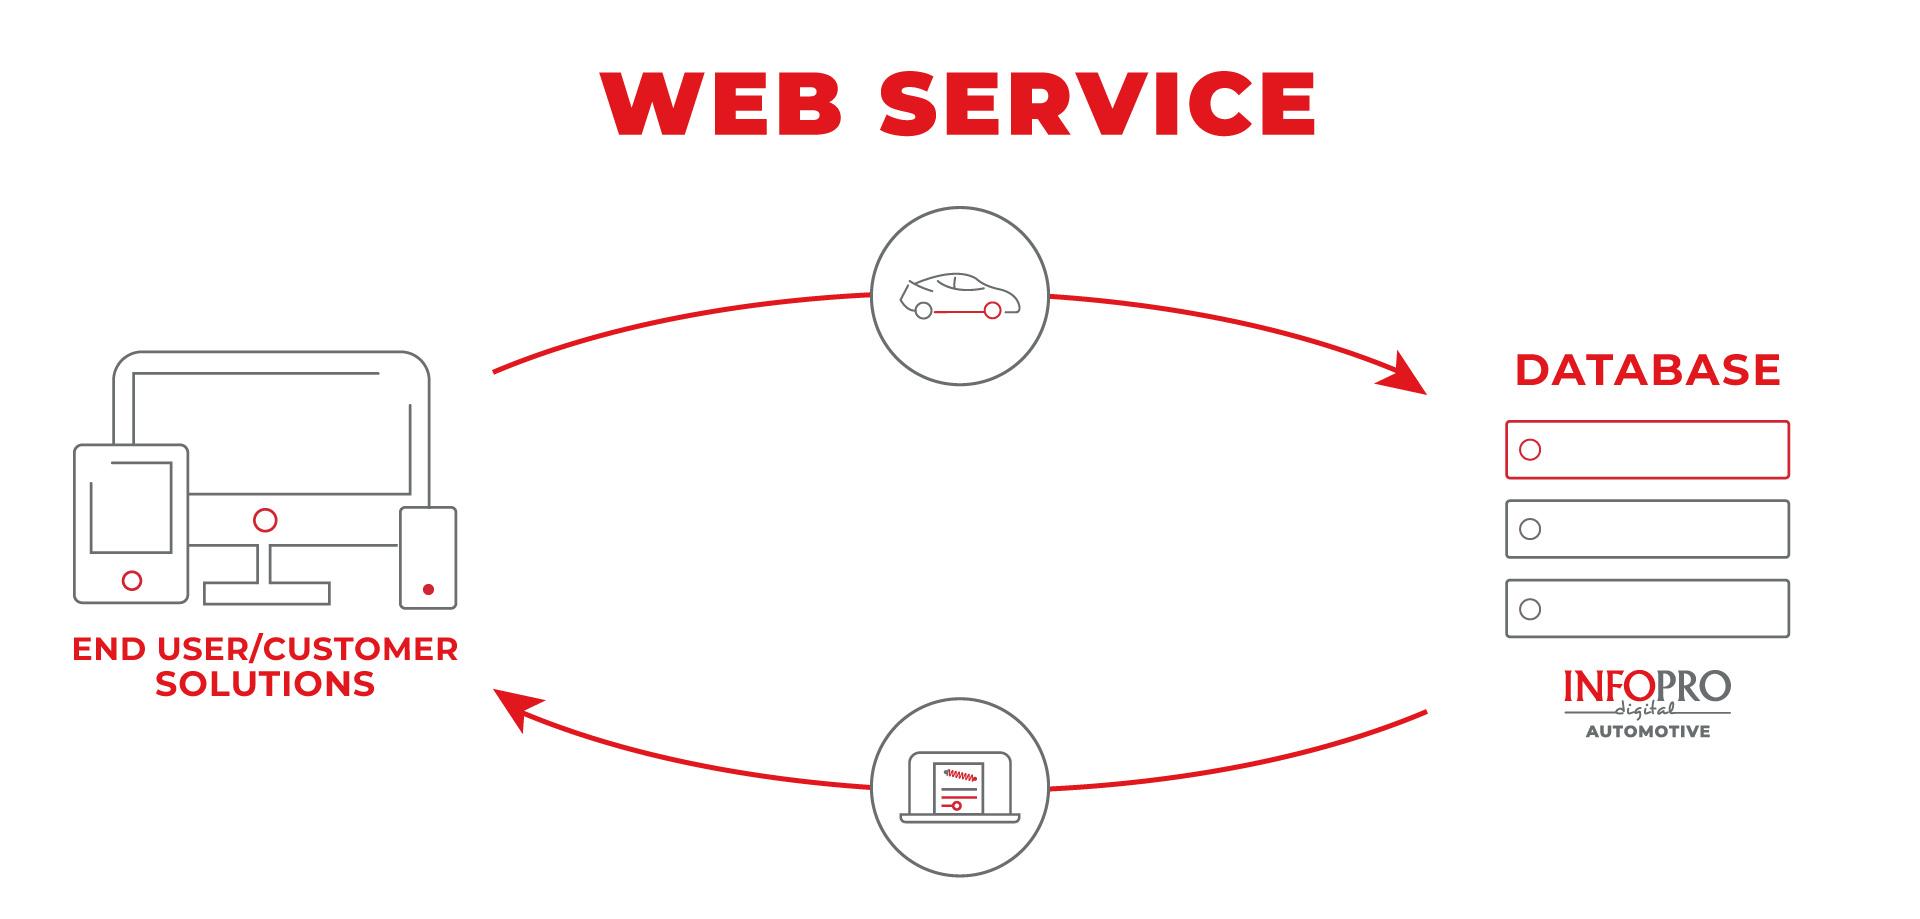 Autronica schema funzionamento Web Service di dati Automotive